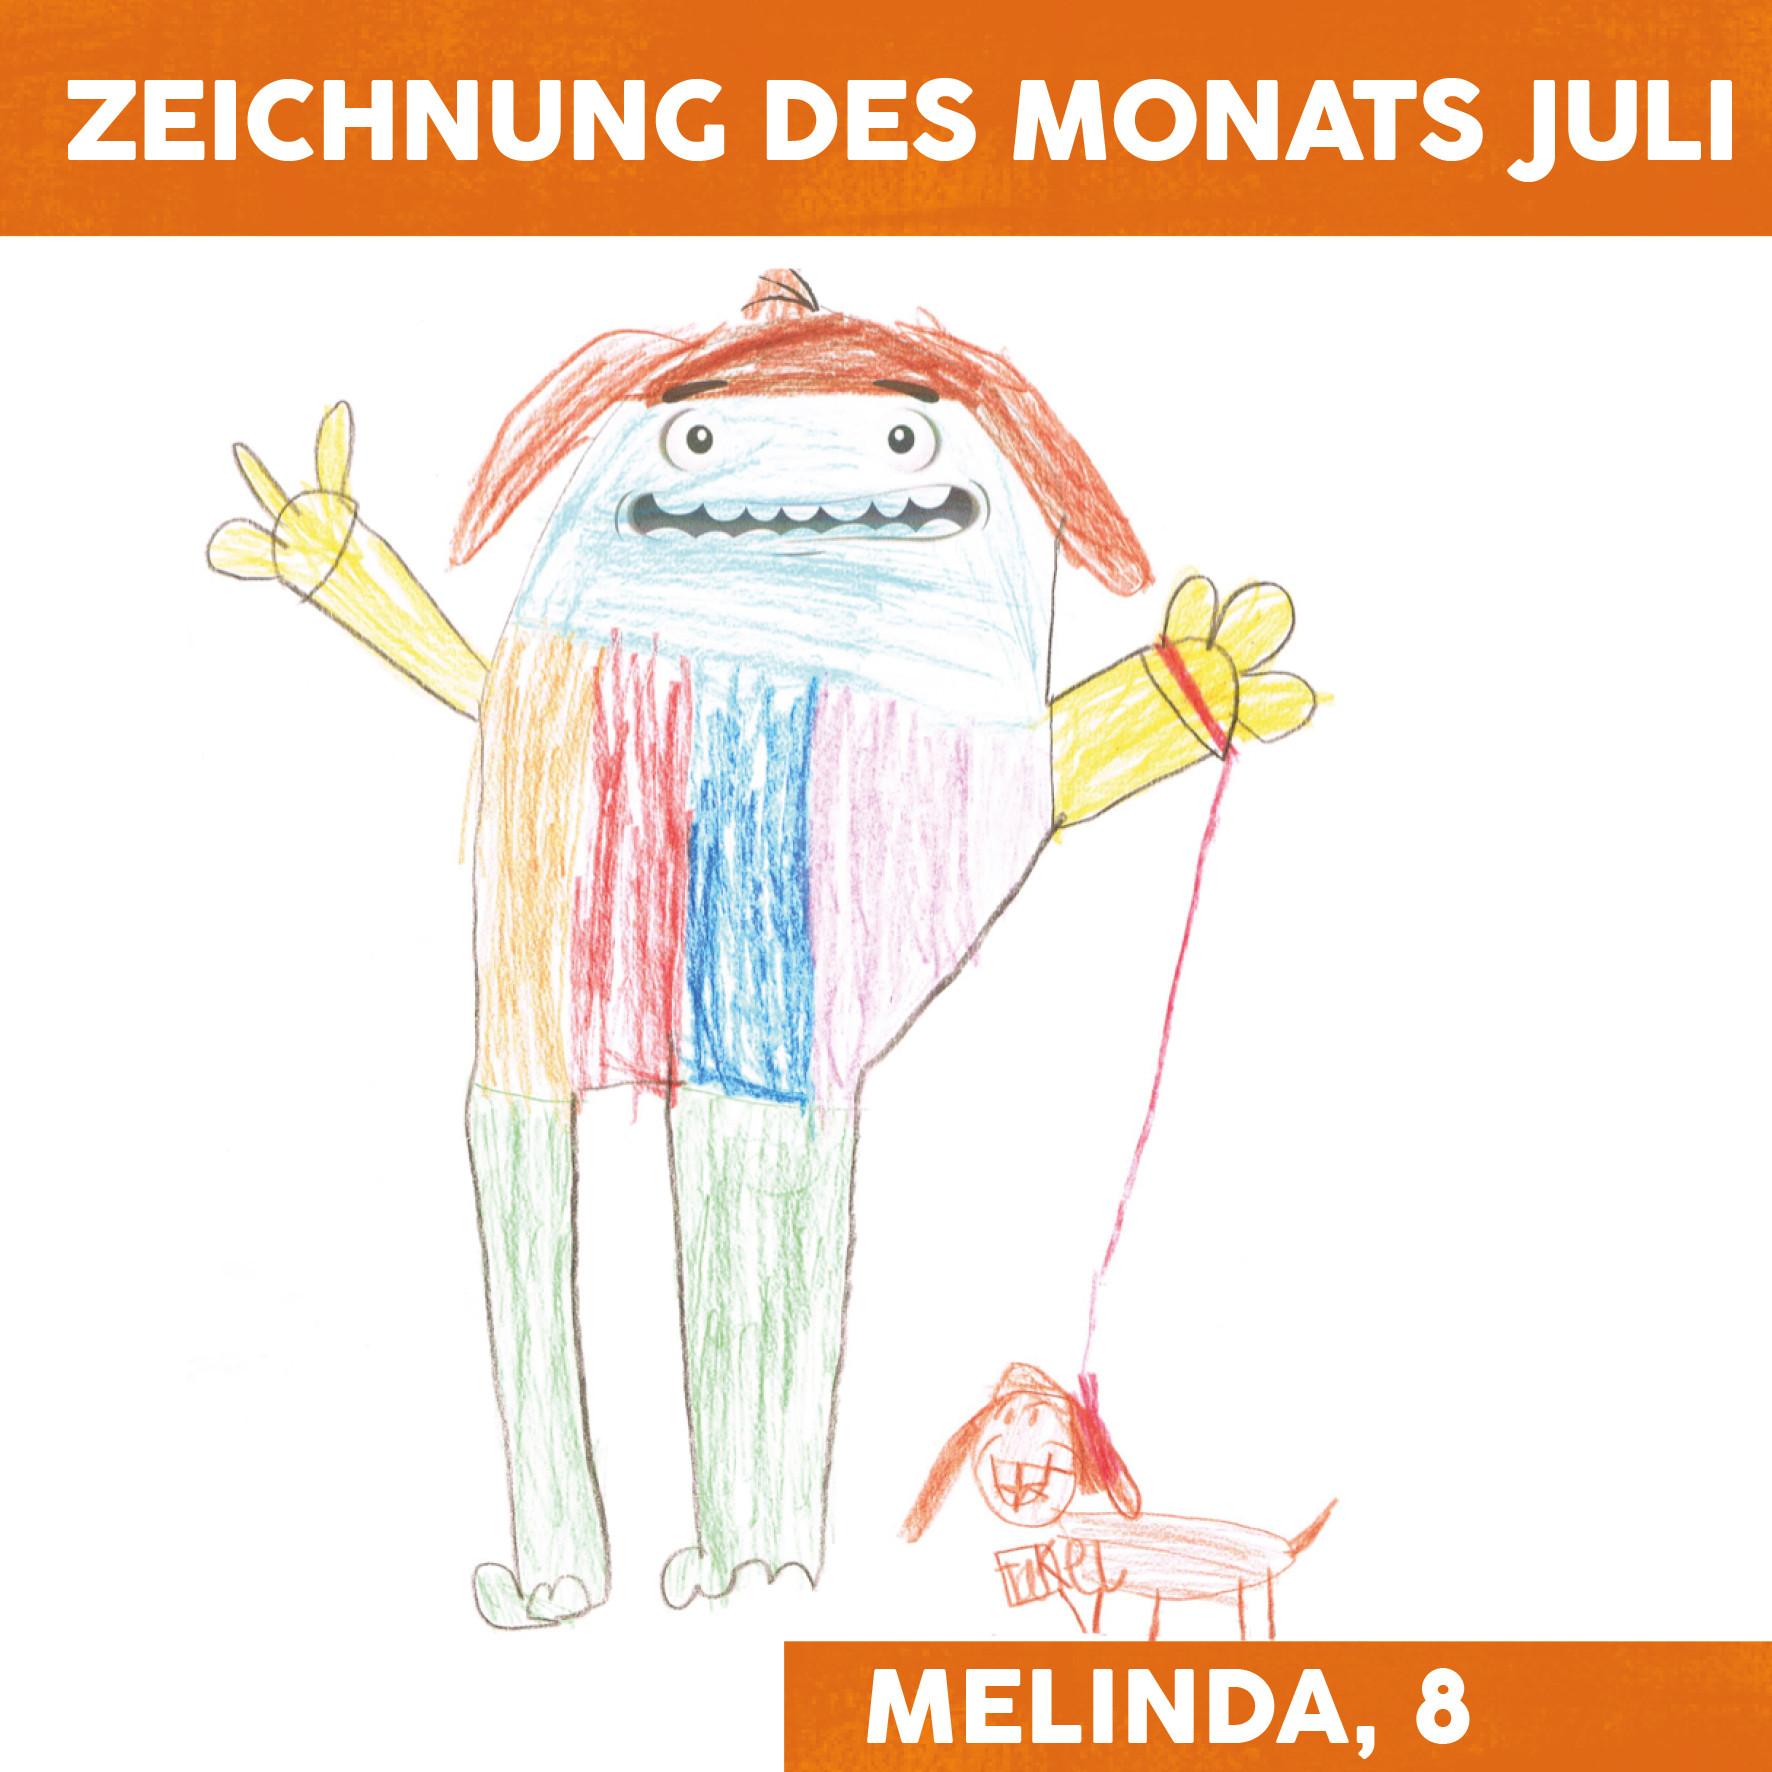 Zeichnung des Monats Juli